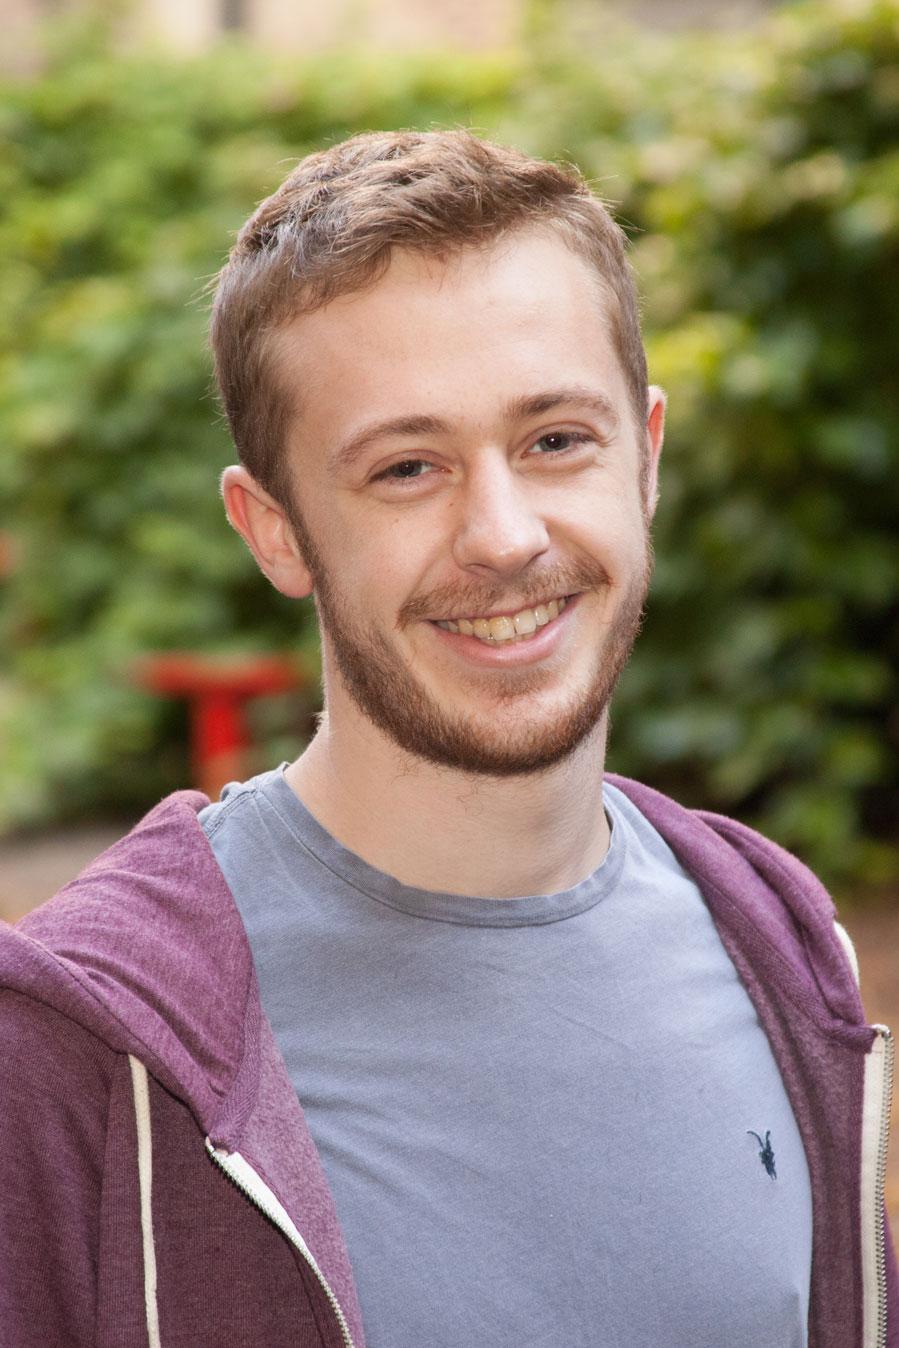 Alexander Kibler